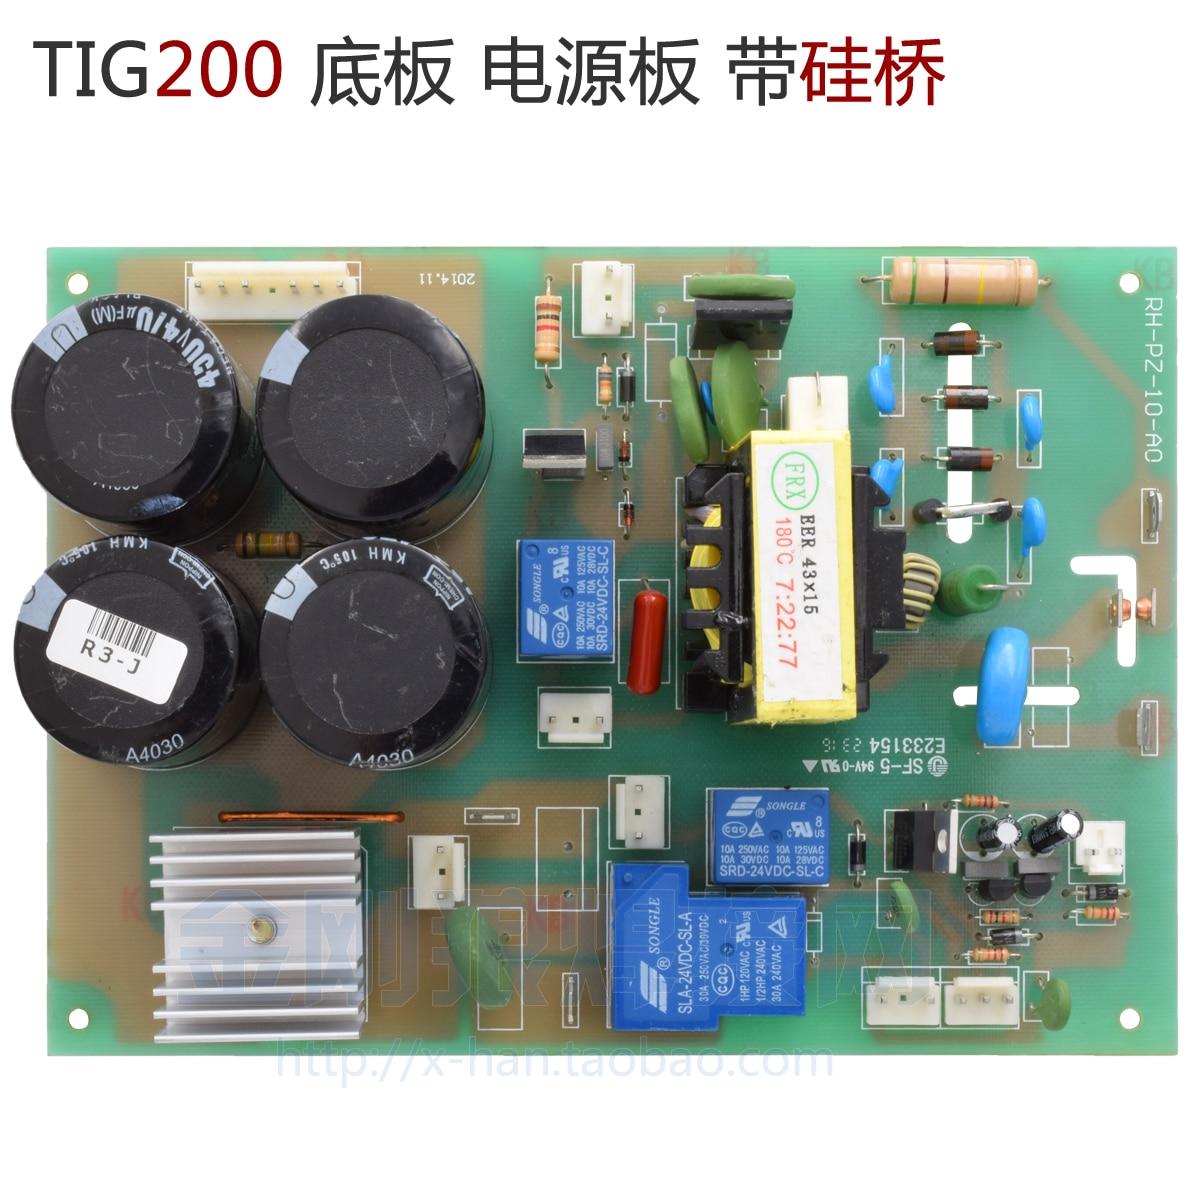 Placa de Base da Máquina de Solda Inversor da Placa de Alimentação da Placa de Alta Frequência do Arco da Ignição da Ignição do 7200